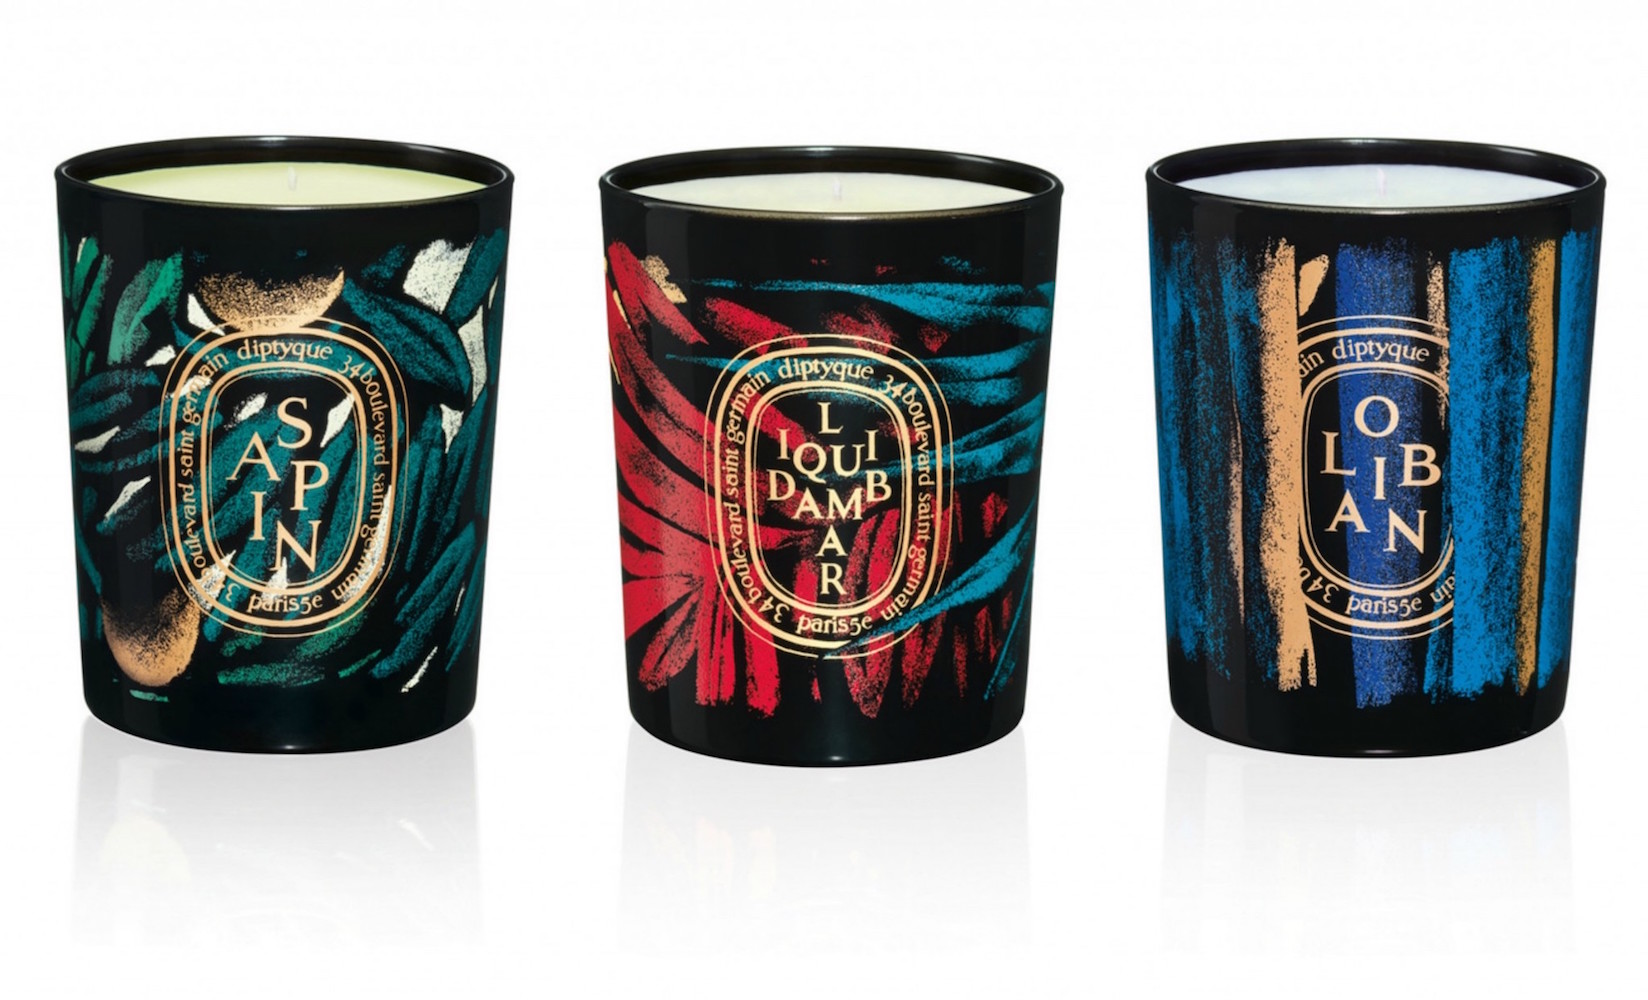 Limitovaná kolekce vánočních svíček Diptyque v designu od Juliena Colombiera. Prodává Ingredients